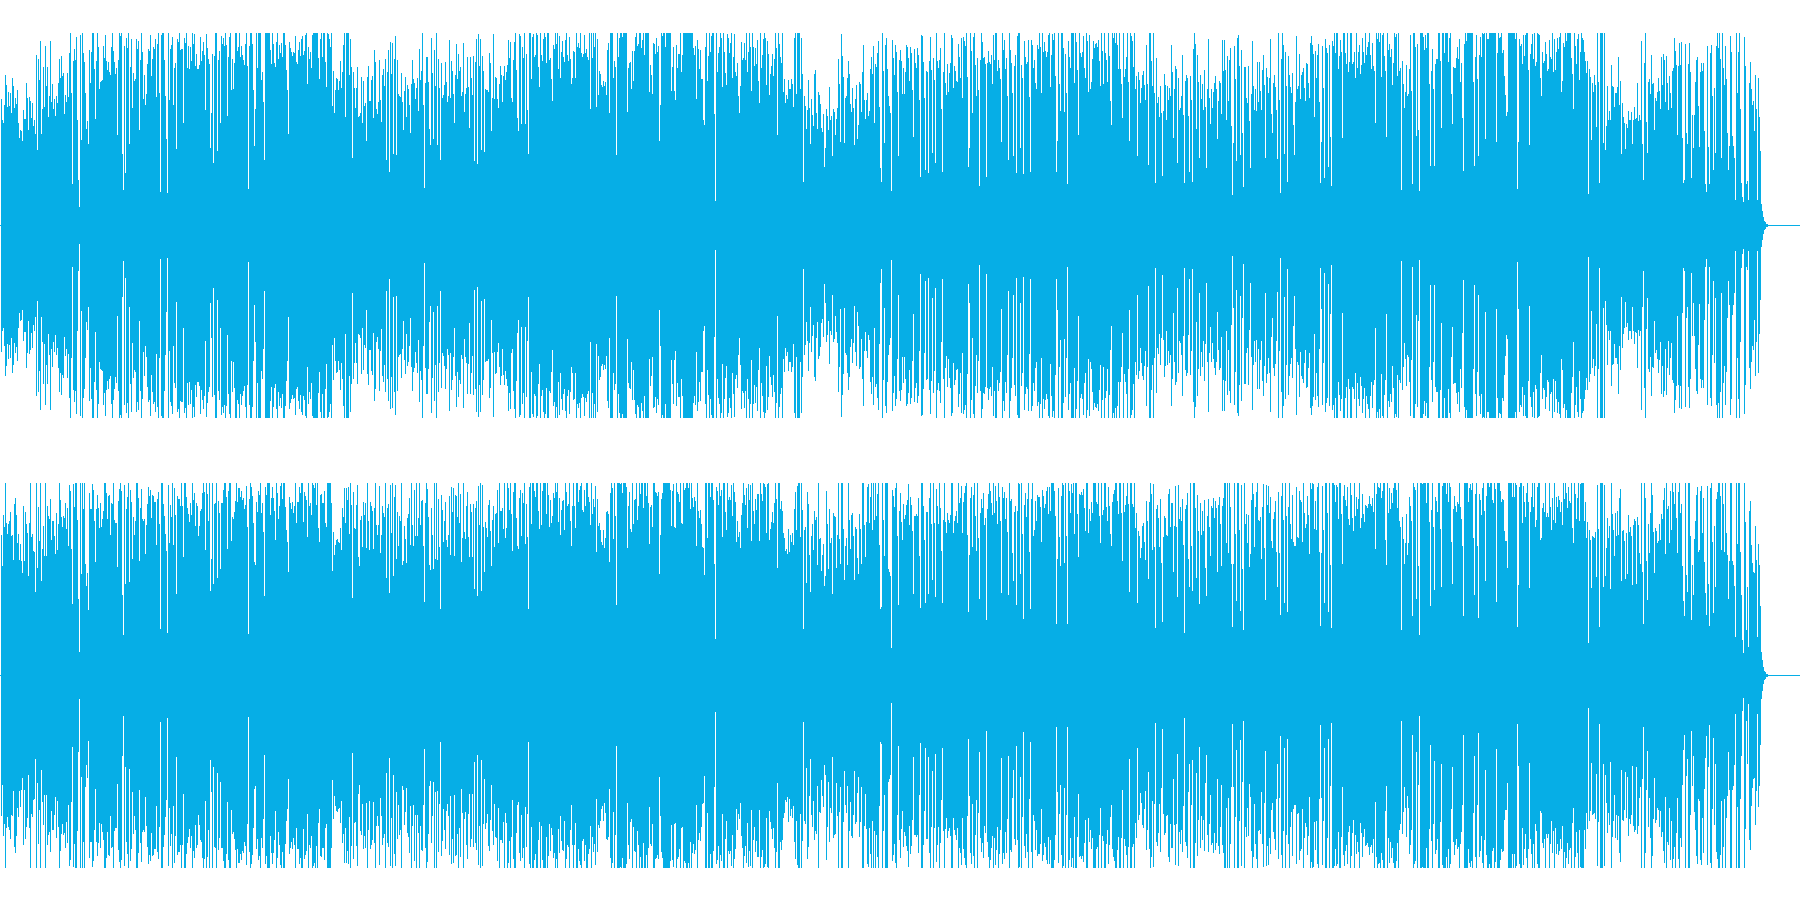 サーカス マジックショー 子供 ペットの再生済みの波形